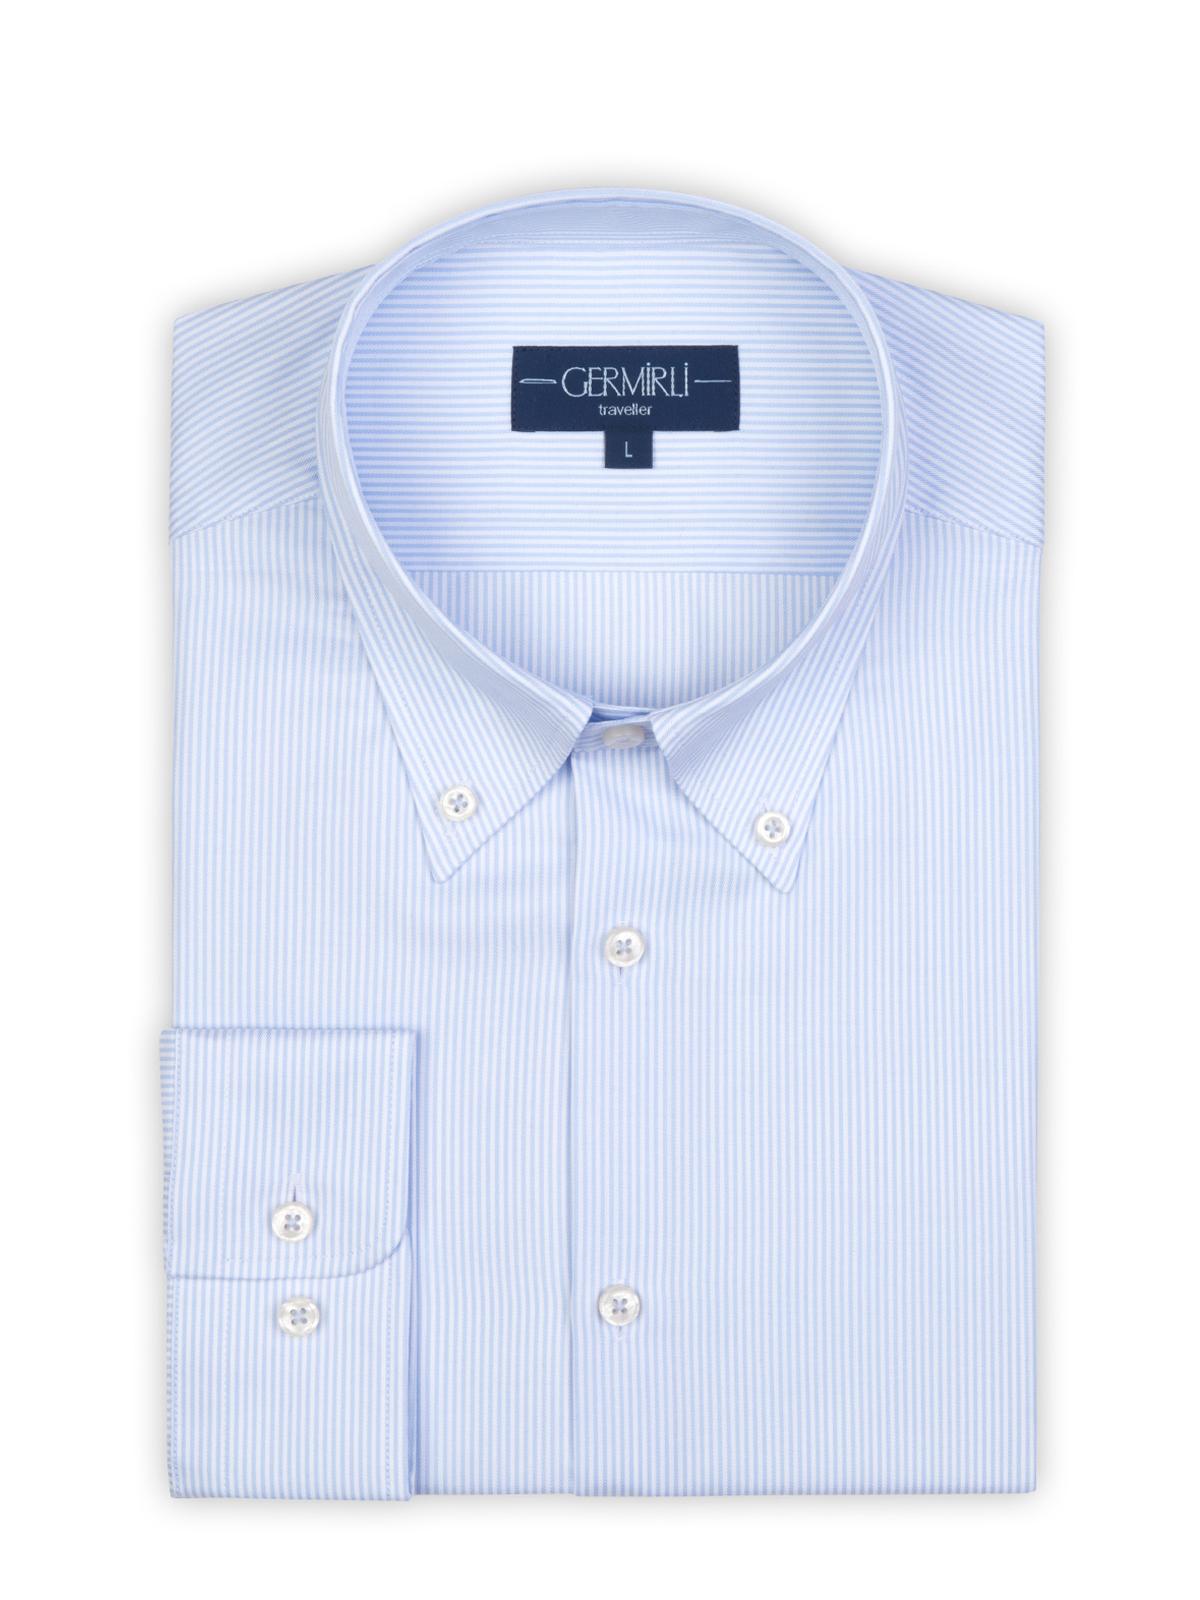 Germirli Non Iron Beyaz Mavi İnce Çizgili Düğmeli Yaka Tailor Fit Journey Gömlek